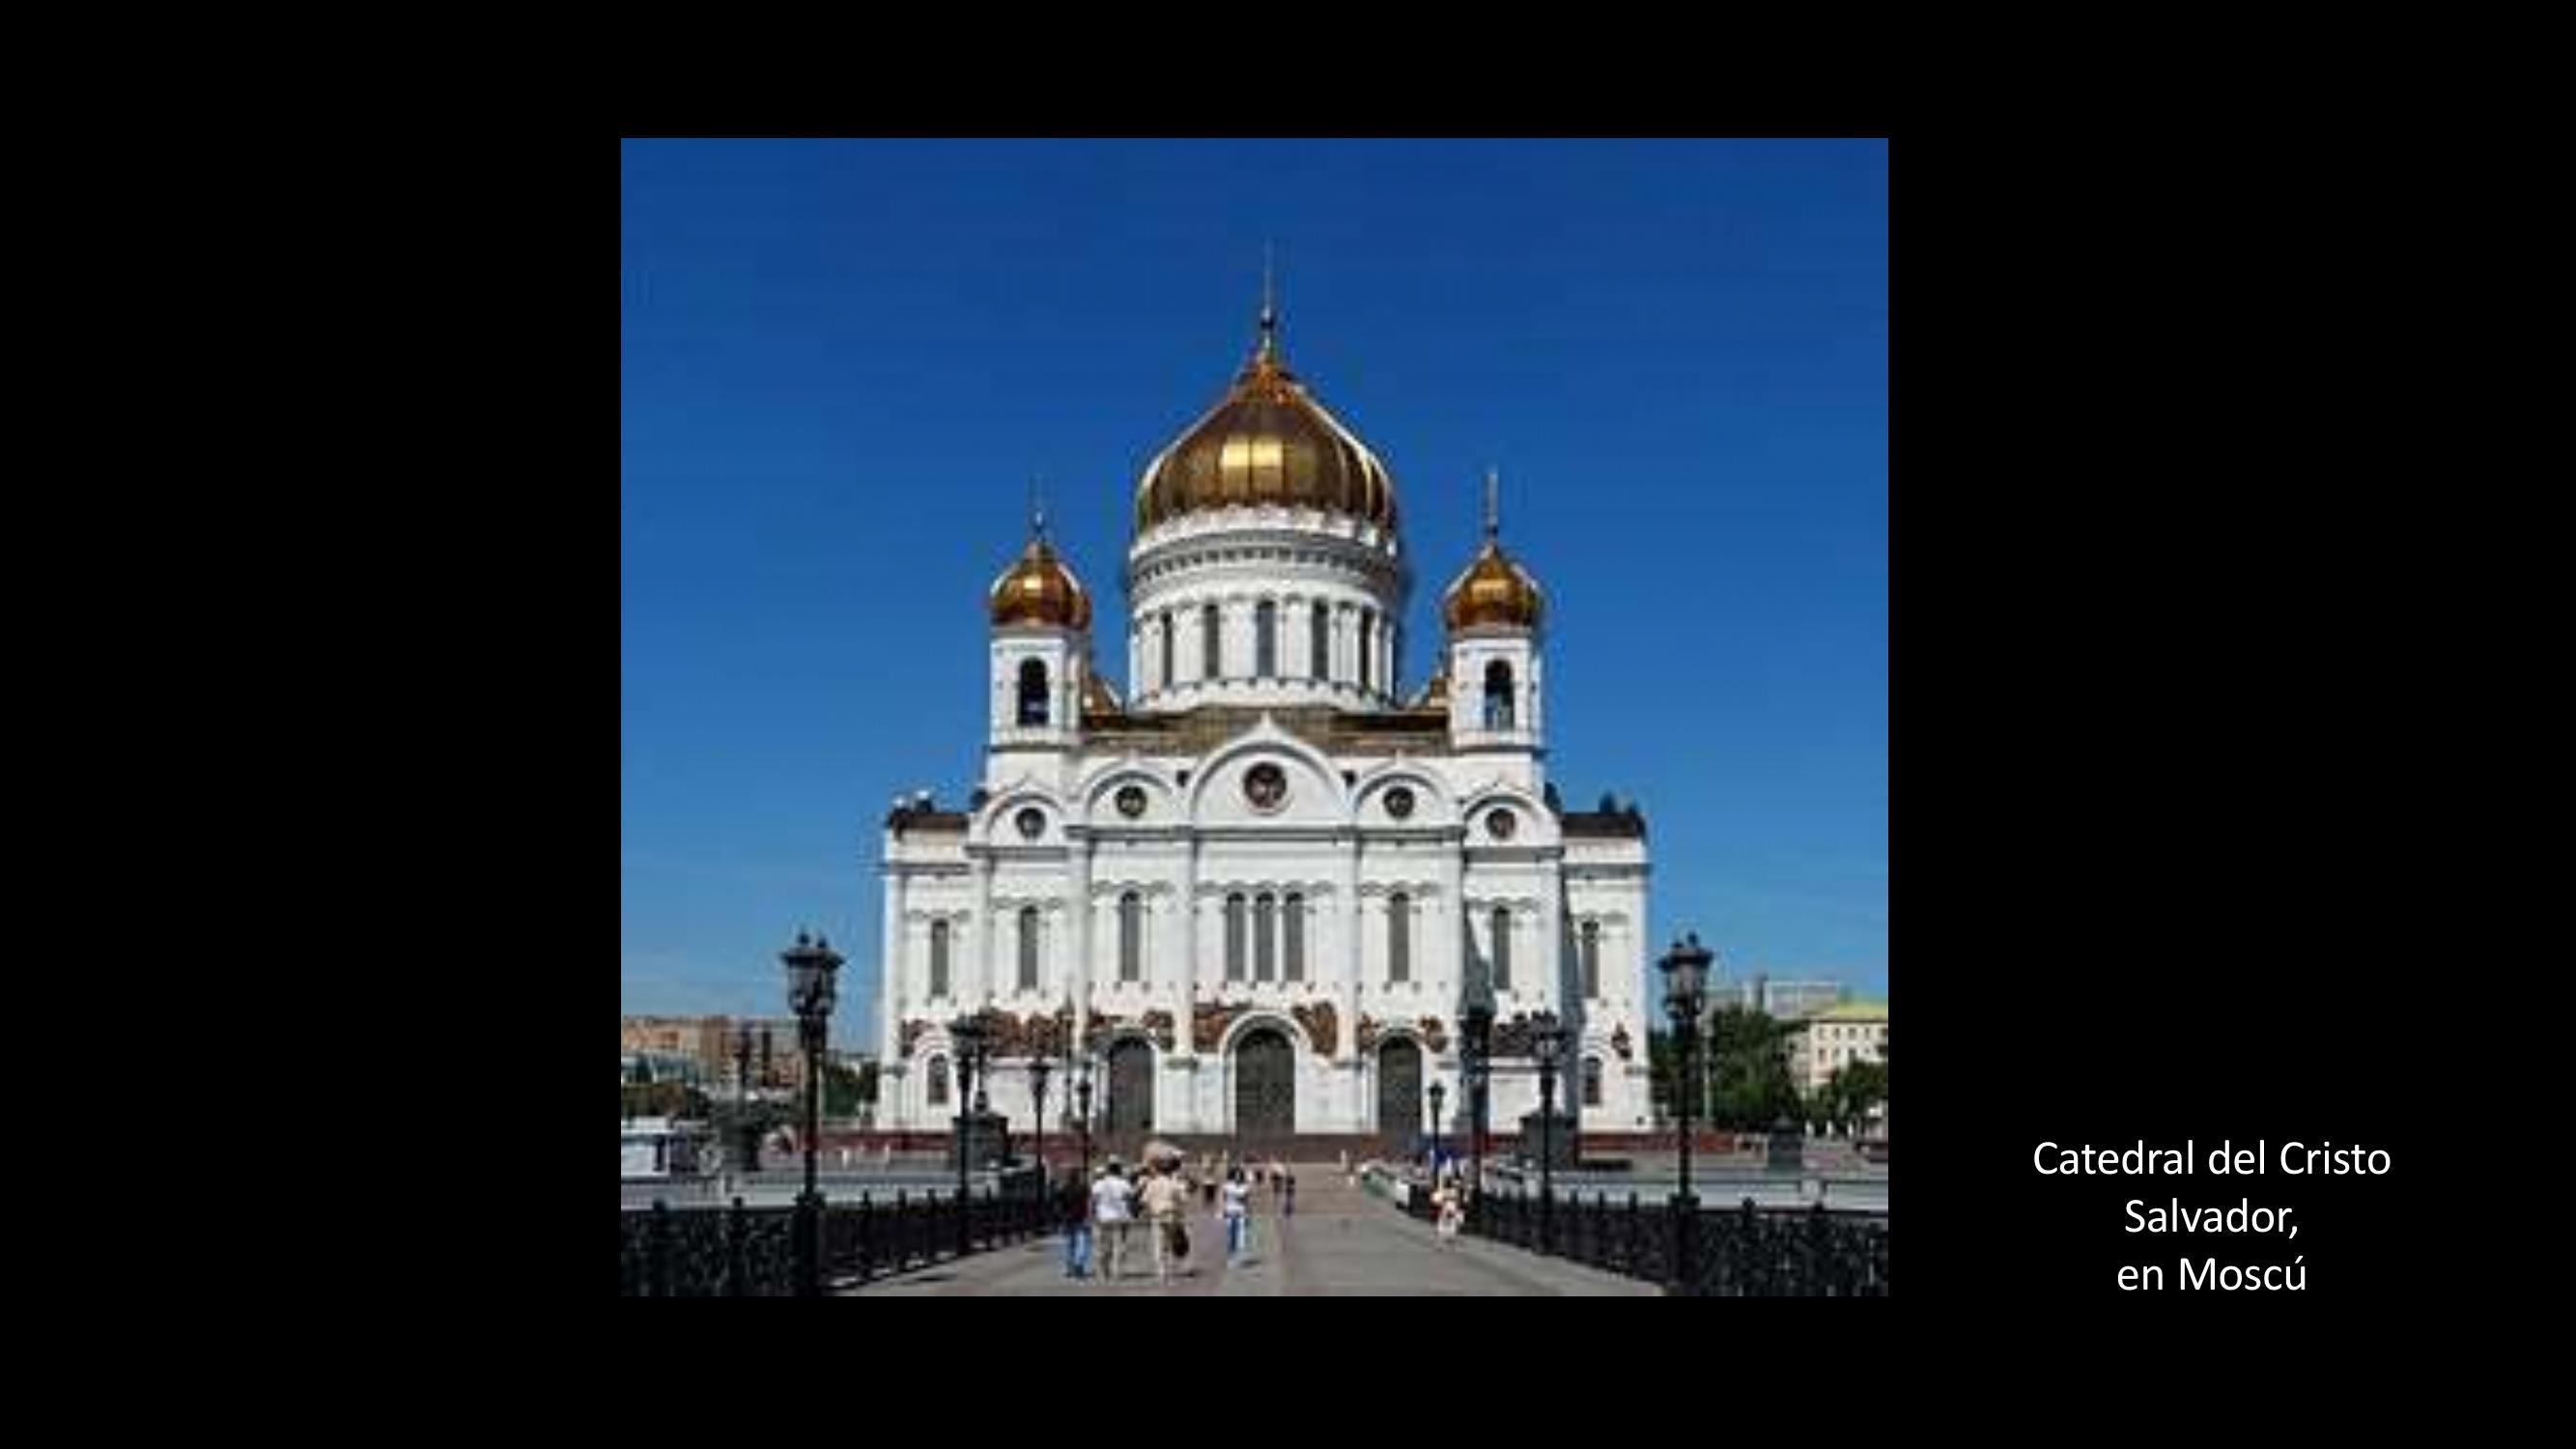 [25] Catedral de Cristo, Salvador, en Moscú